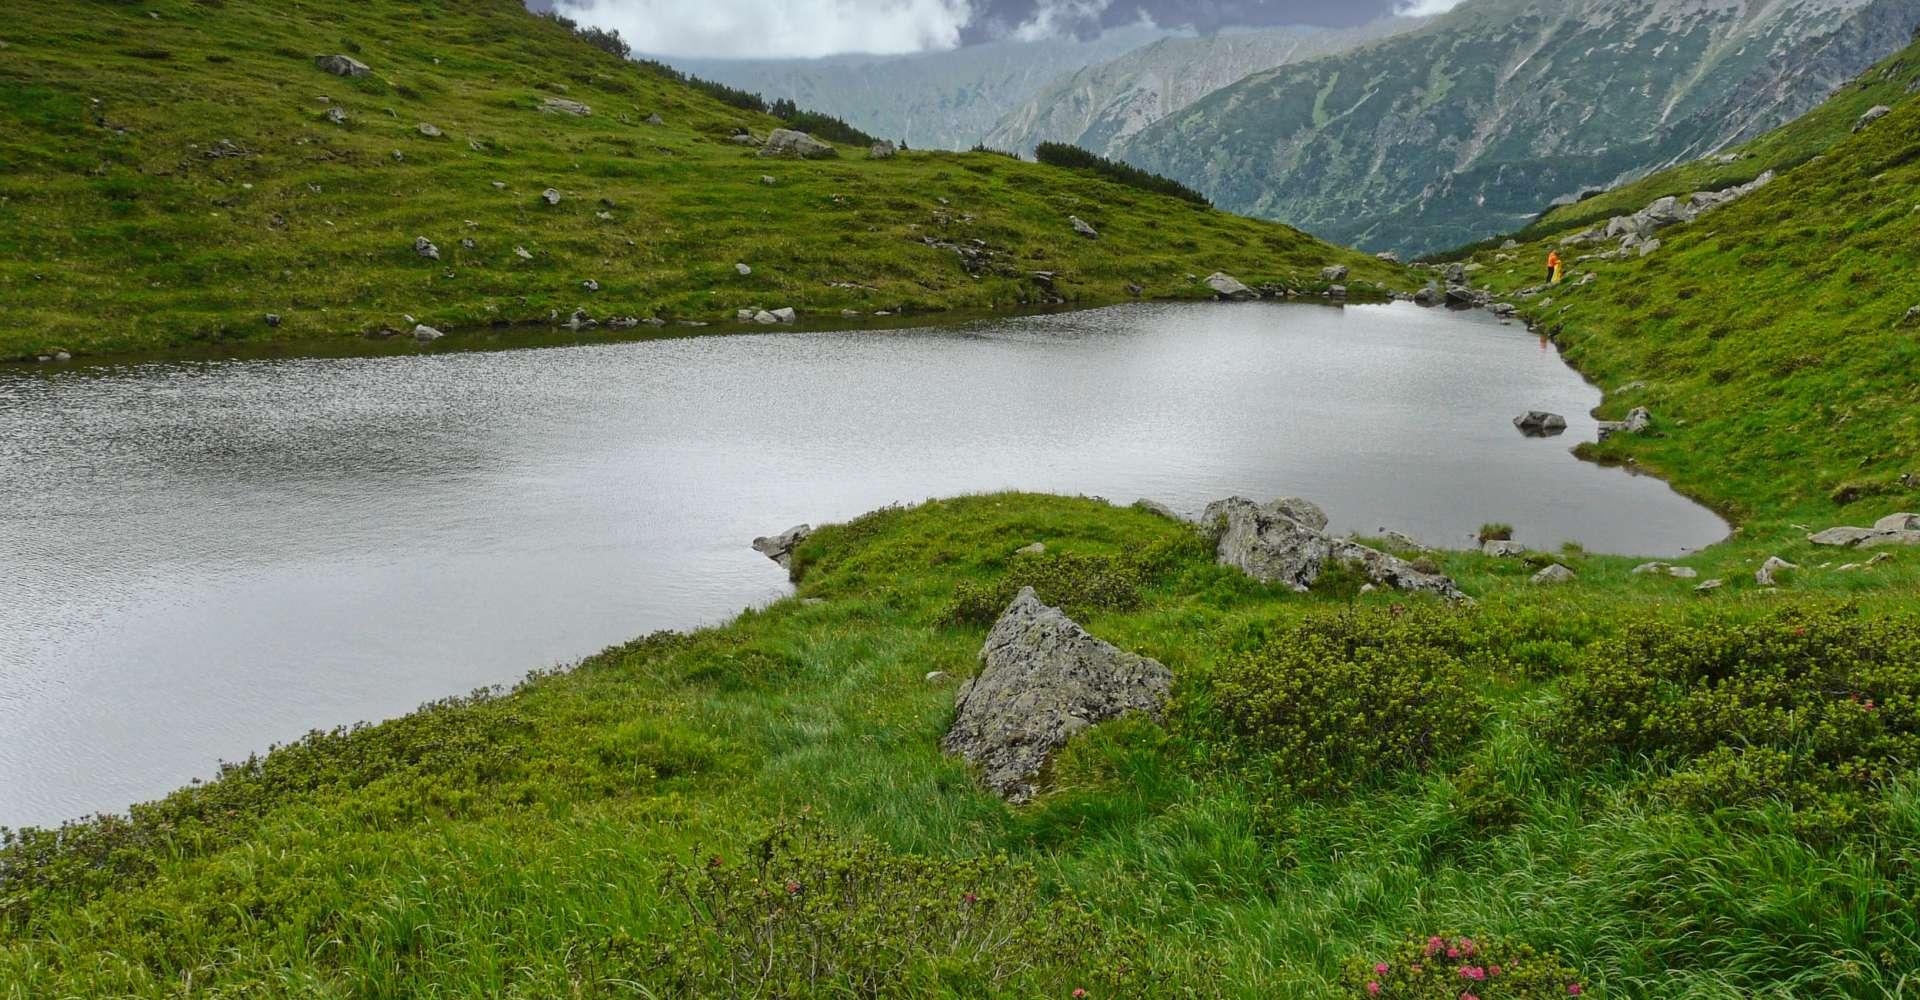 <p>Hahnsee Seckauer Alpen ist wohl einer der schönsten und entlegensten Bergseen im Murtal. </p> Copyright:WEGES OG